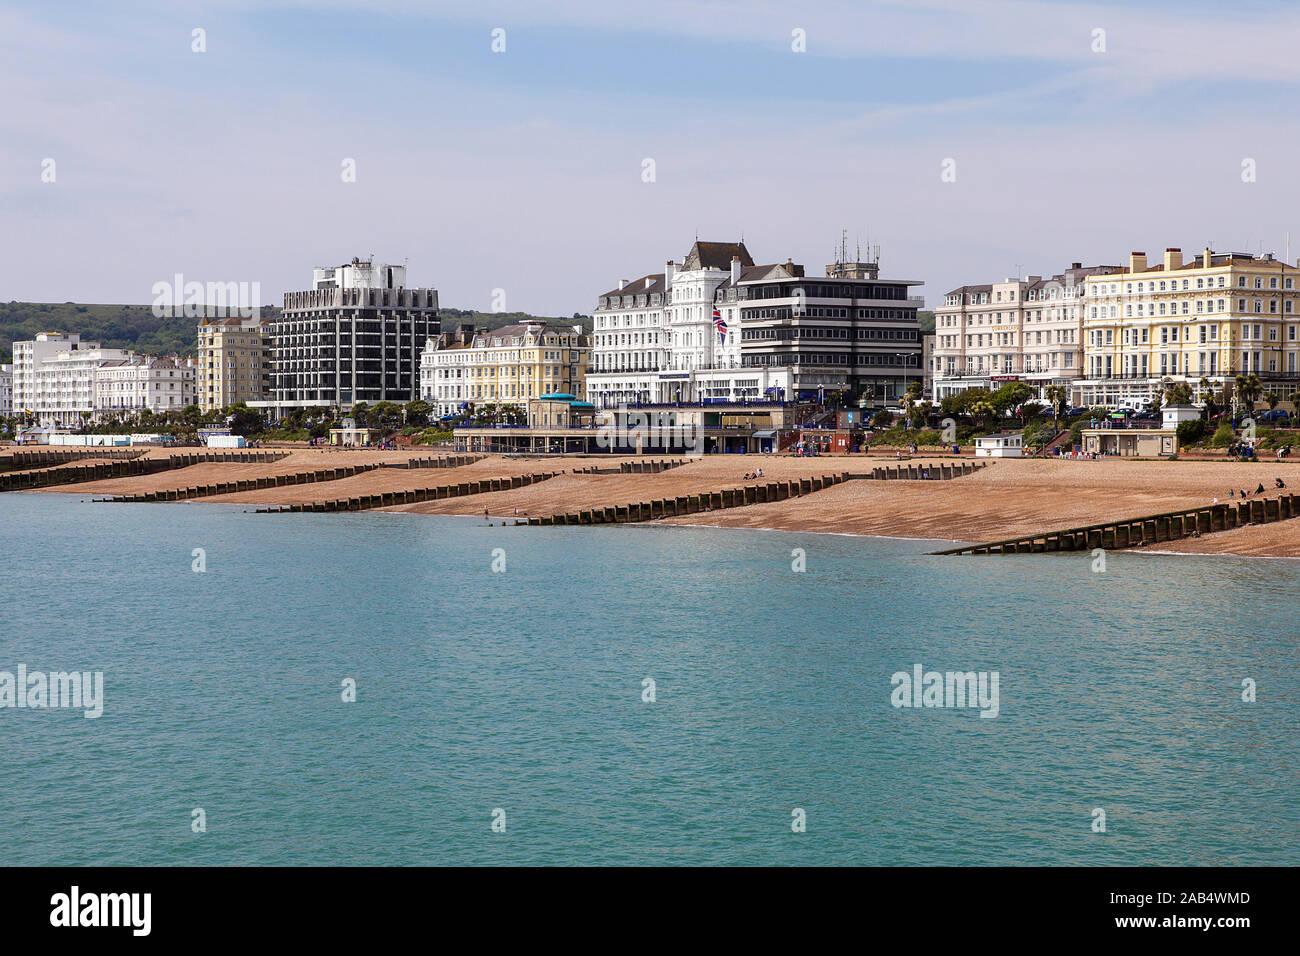 Küste Hotels und mehrere buhnen am Strand von Eastbourne, hier an einem bewölkten Tag gesehen im Mai 2019. Stockfoto